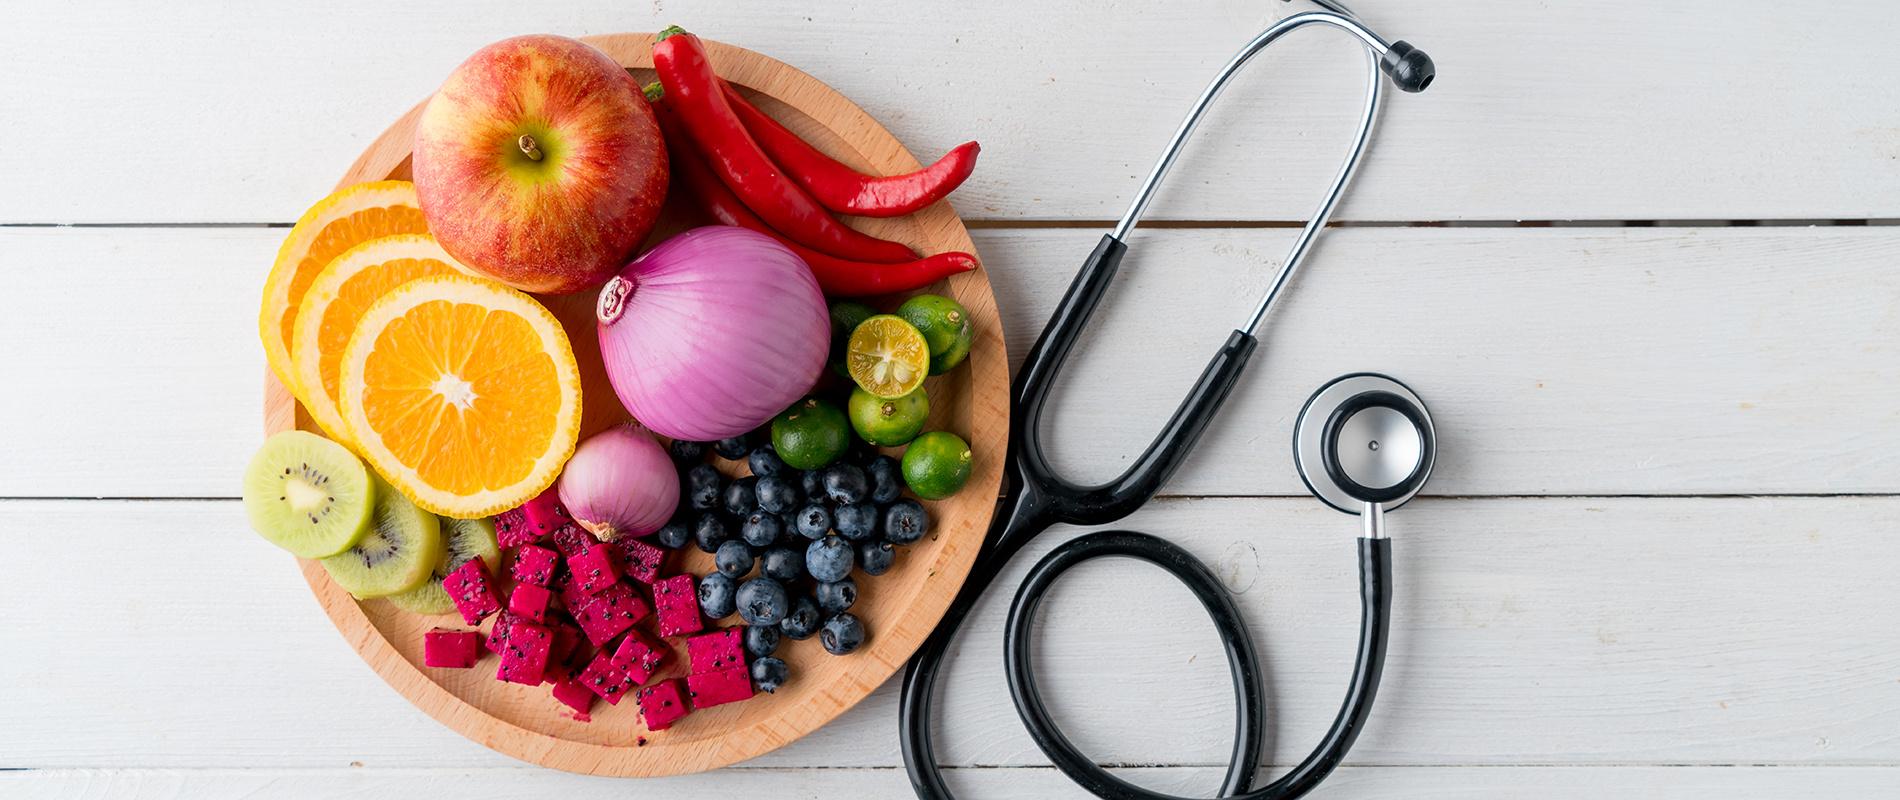 magas vérnyomásból származó gyümölcsök magas vérnyomás az idős gyógyszereknél